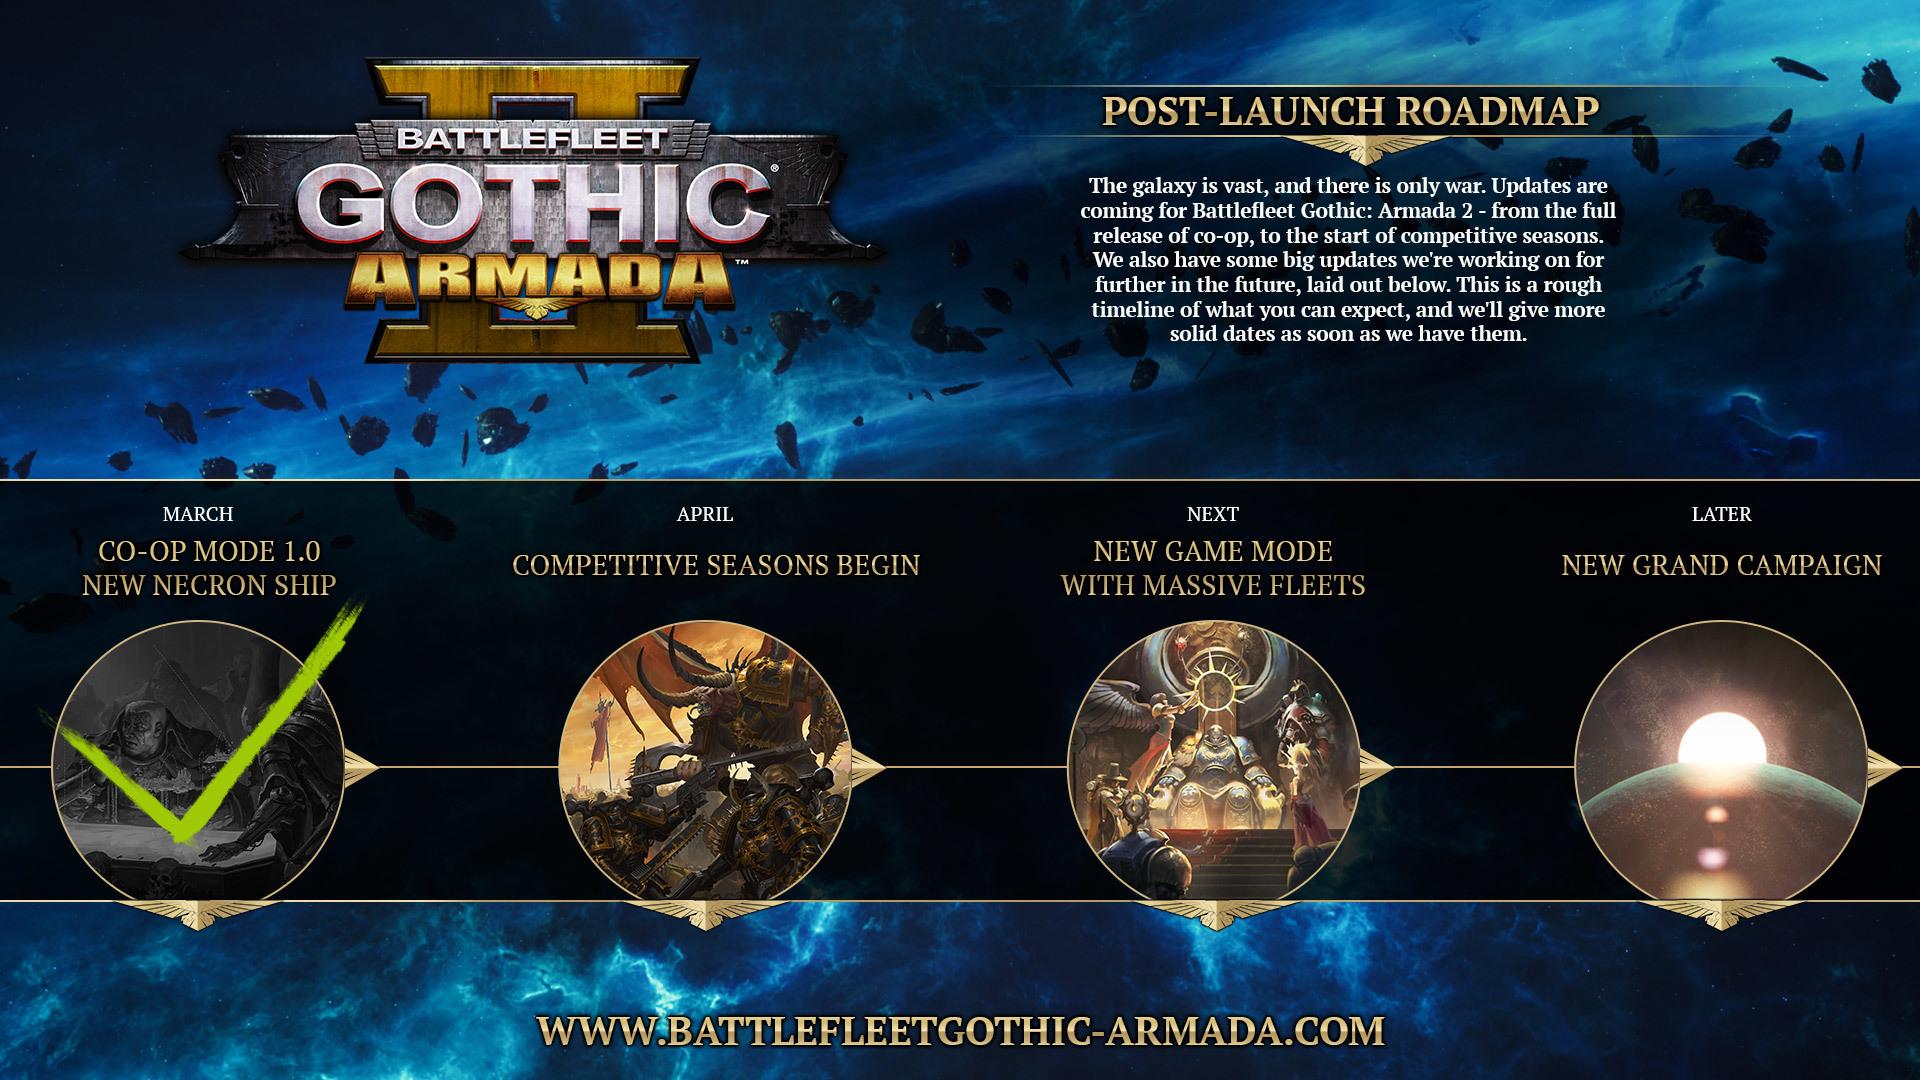 Battlefleet Gothic: Armada 2 update for March 21, 2019